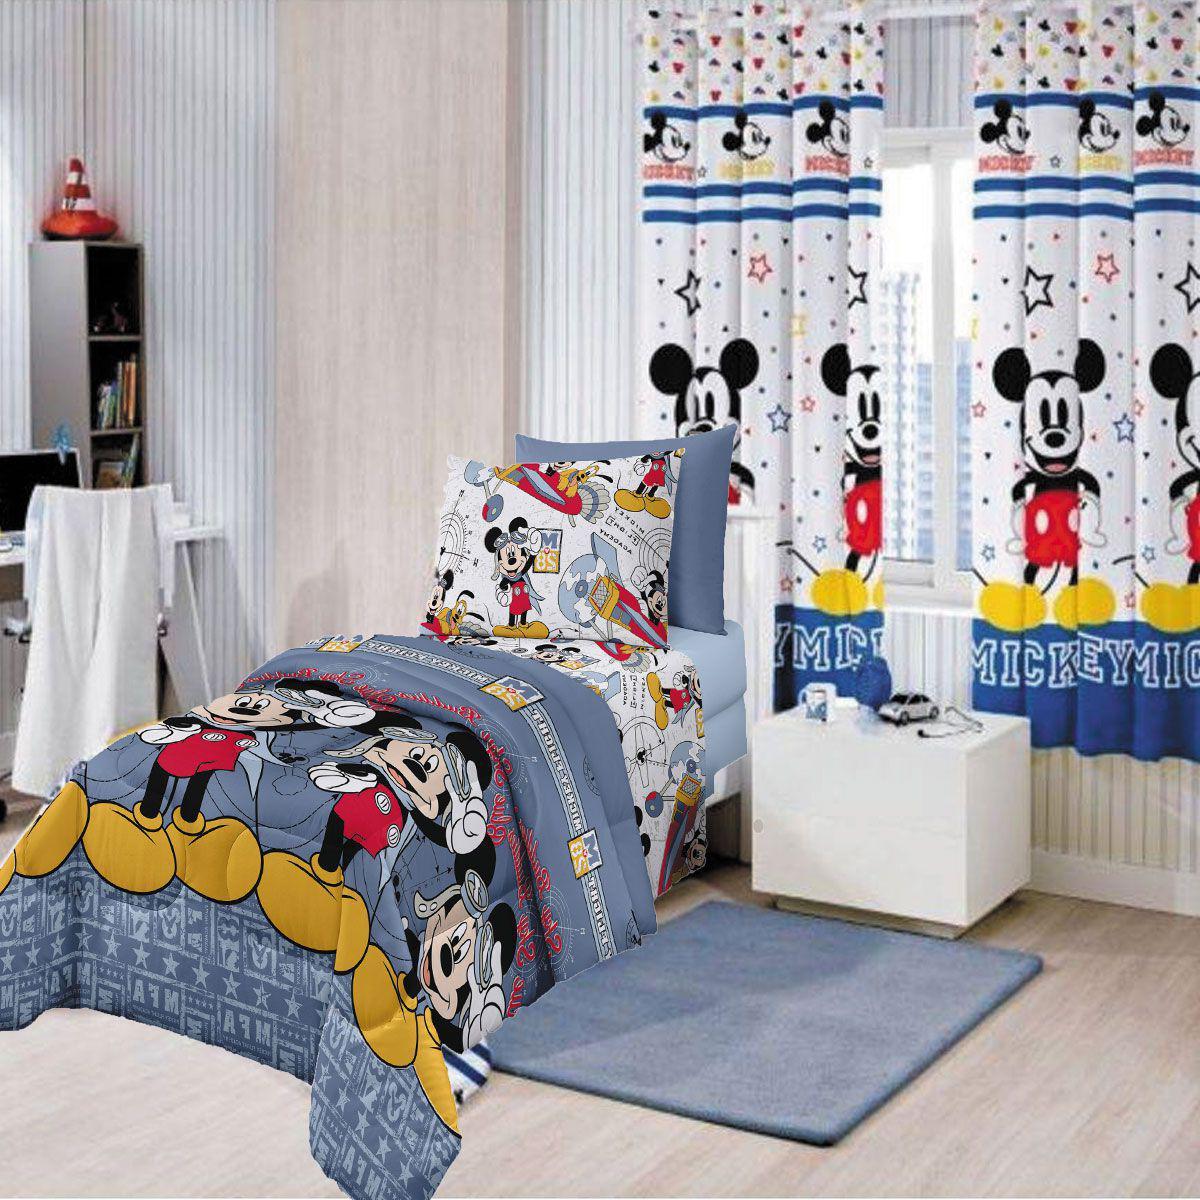 0a220dc51 Kit Infantil Mickey Aviador Cortina Blackout + Edredom Santista R$ 237,34 à  vista. Adicionar à sacola